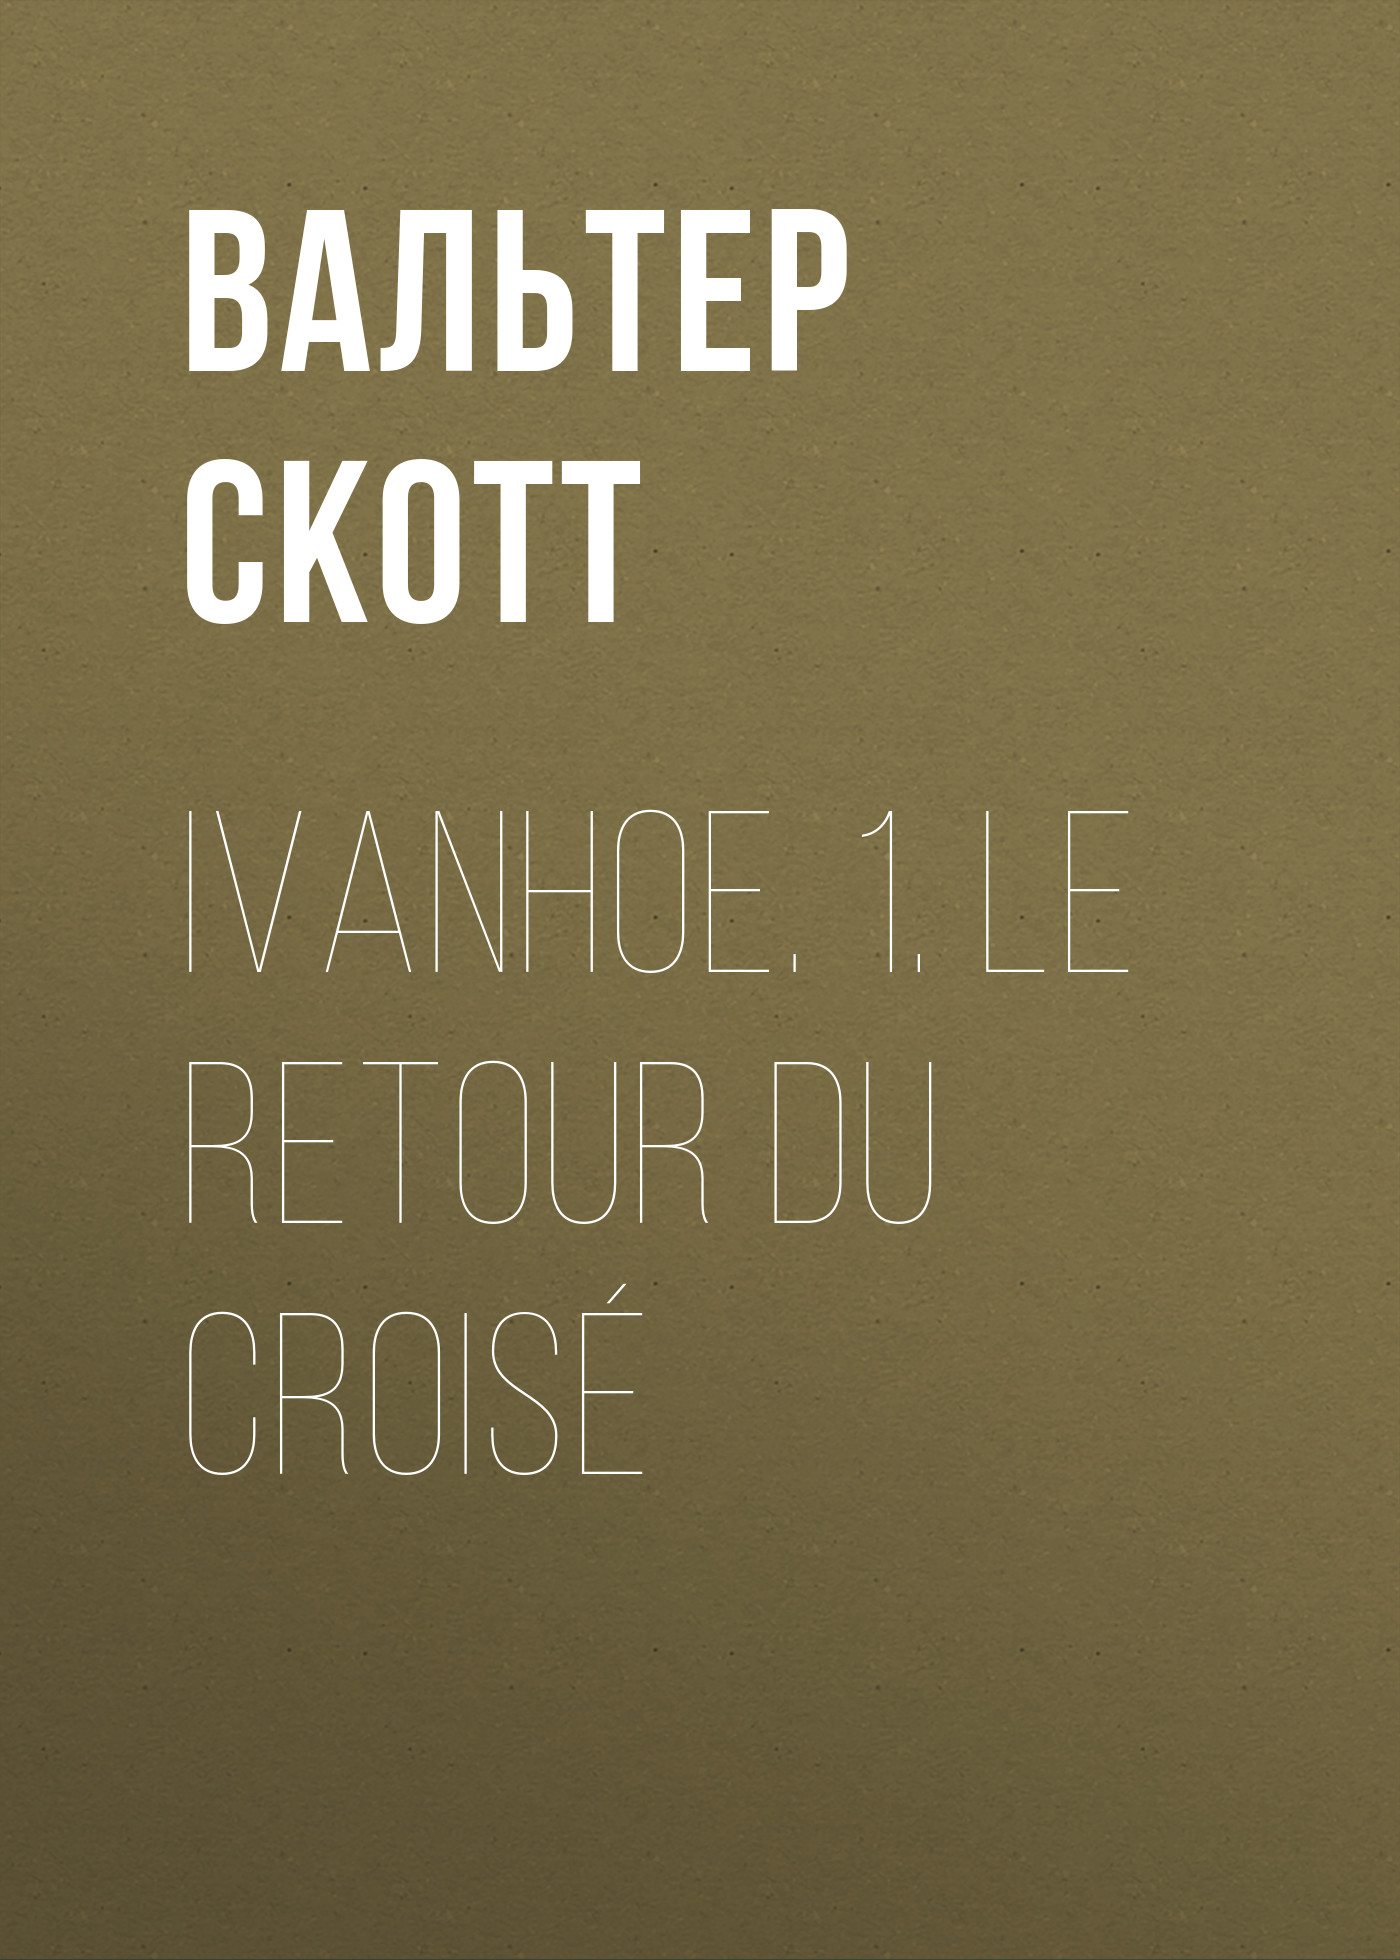 Фото - Вальтер Скотт Ivanhoe. 1. Le retour du croisé вальтер скотт ivanhoe in 2 p part 2 айвенго в 2 ч часть 2